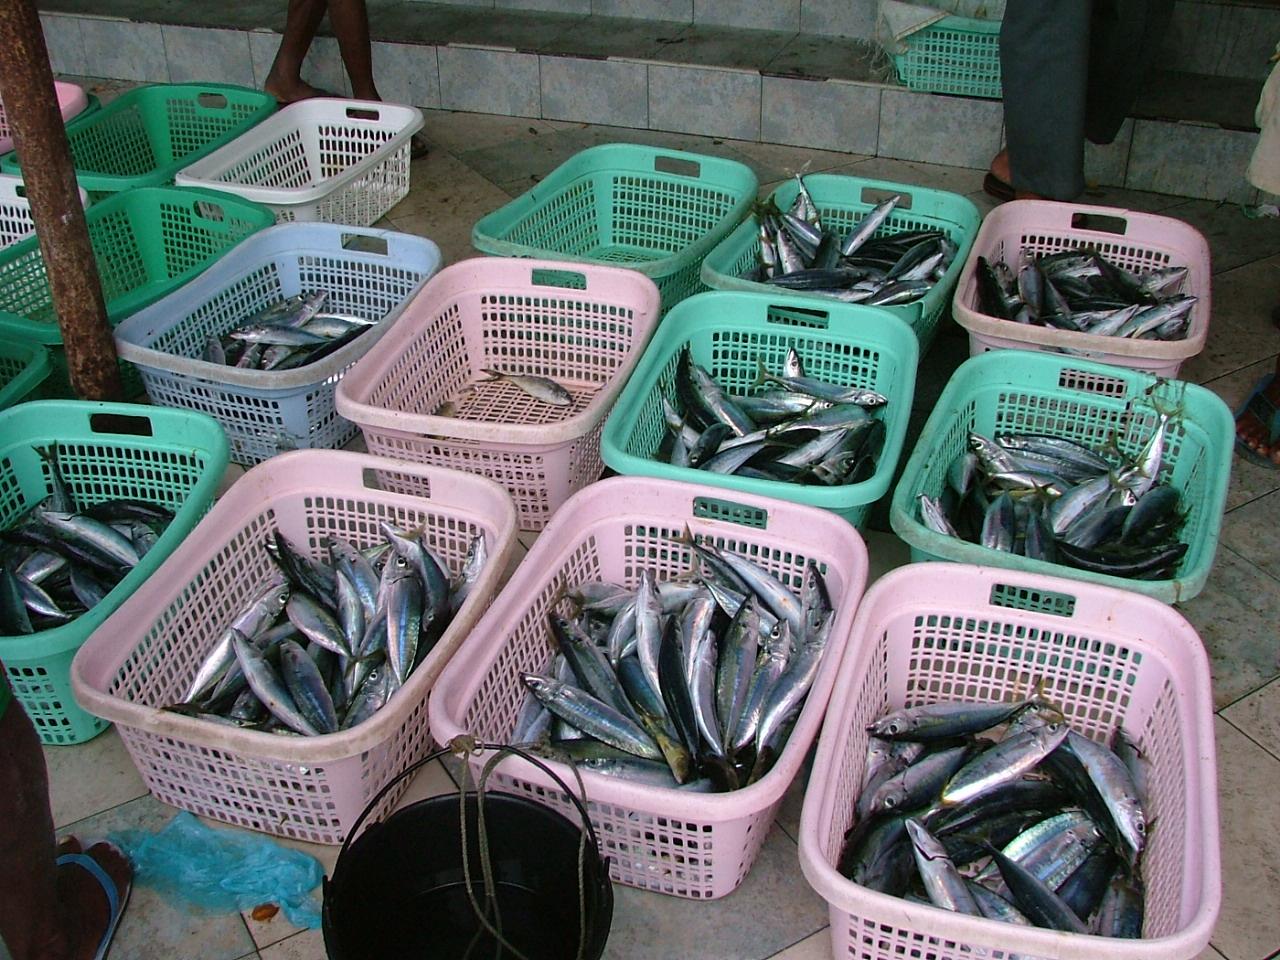 melvin fish fishmarket basket baskets nature food